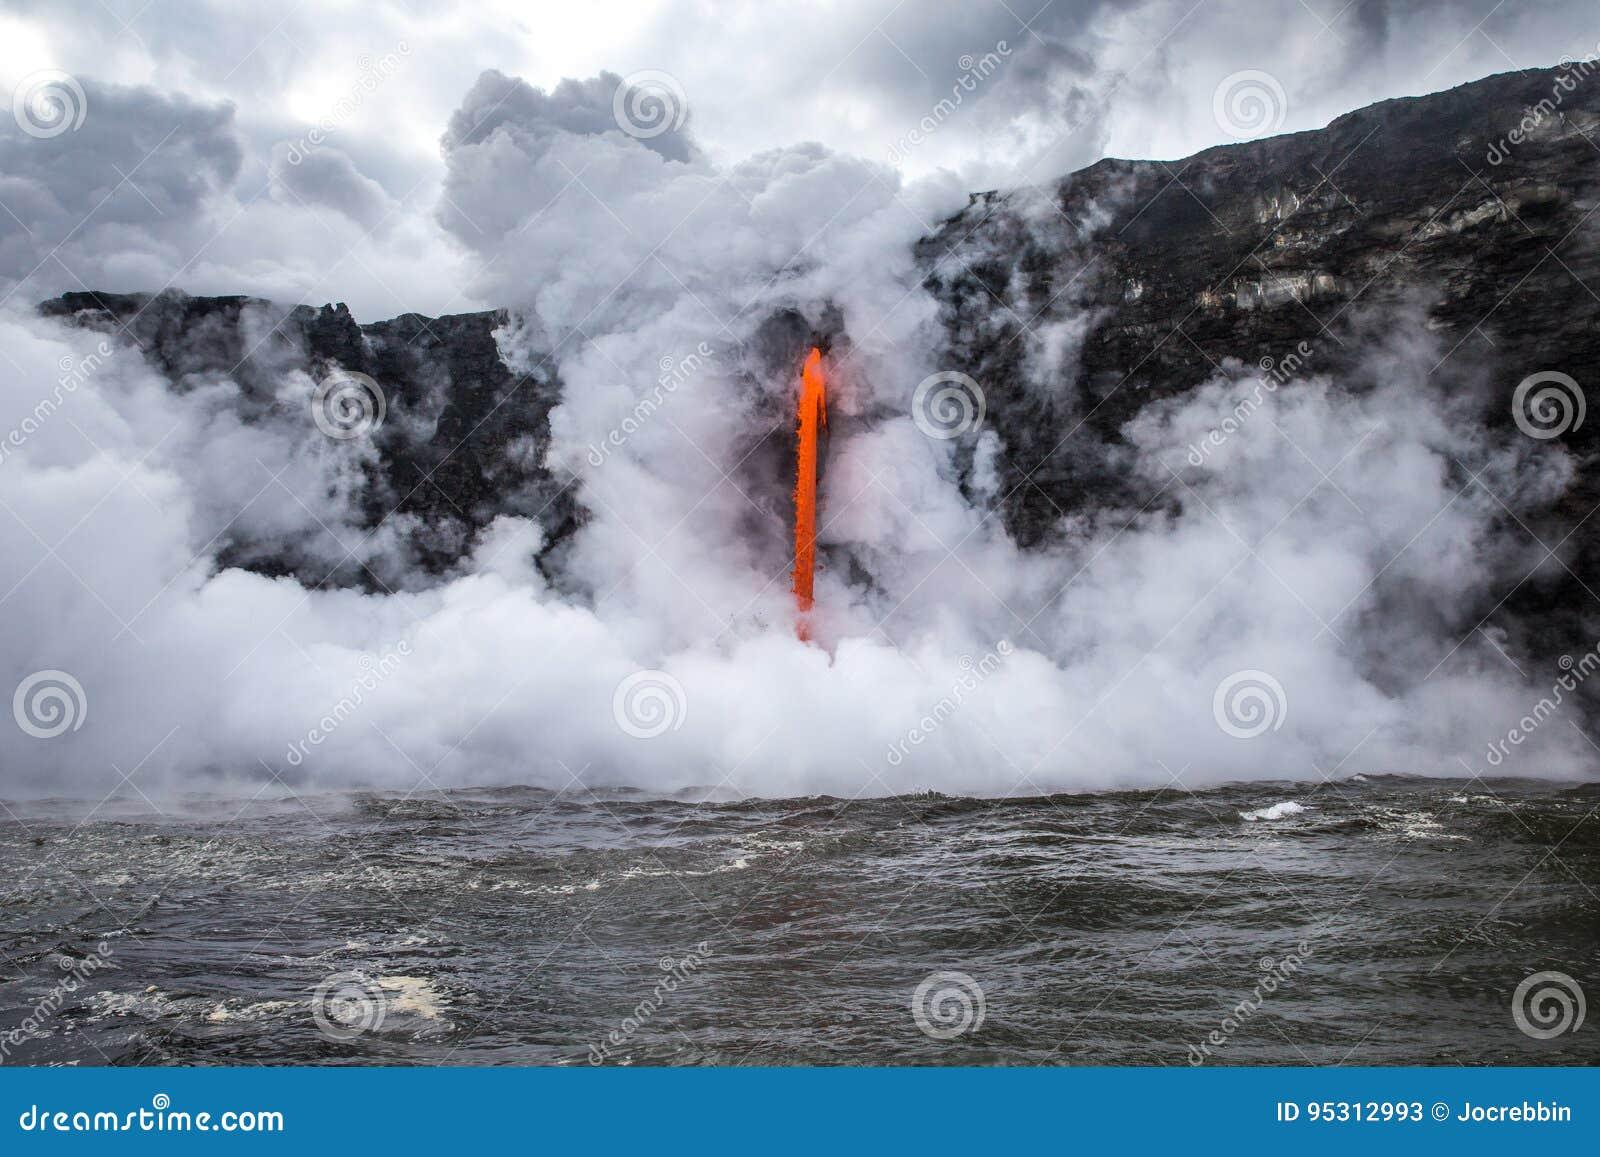 O vapor entra em erupção do oceano frio enquanto a lava quente derrama na água